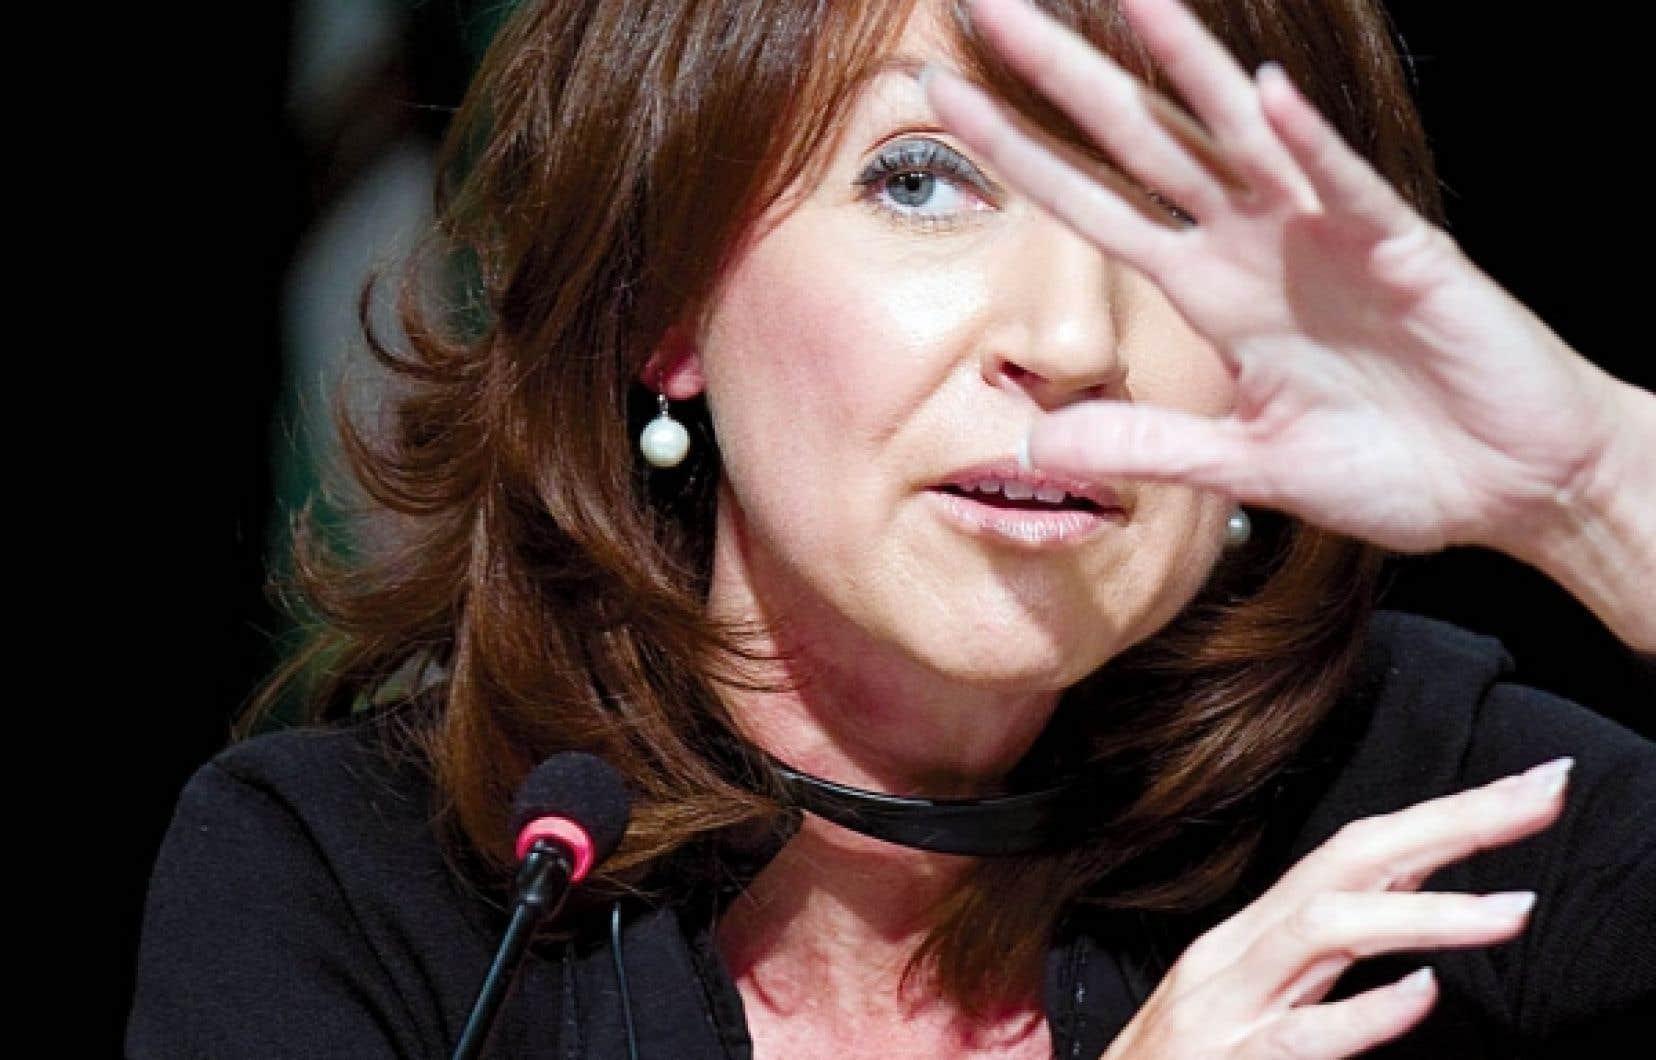 De son c&ocirc;t&eacute;, la ministre Nathalie Normandeau affirme &ecirc;tre dispos&eacute;e &agrave; d&eacute;voiler les termes de l&rsquo;entente.<br /> <br />